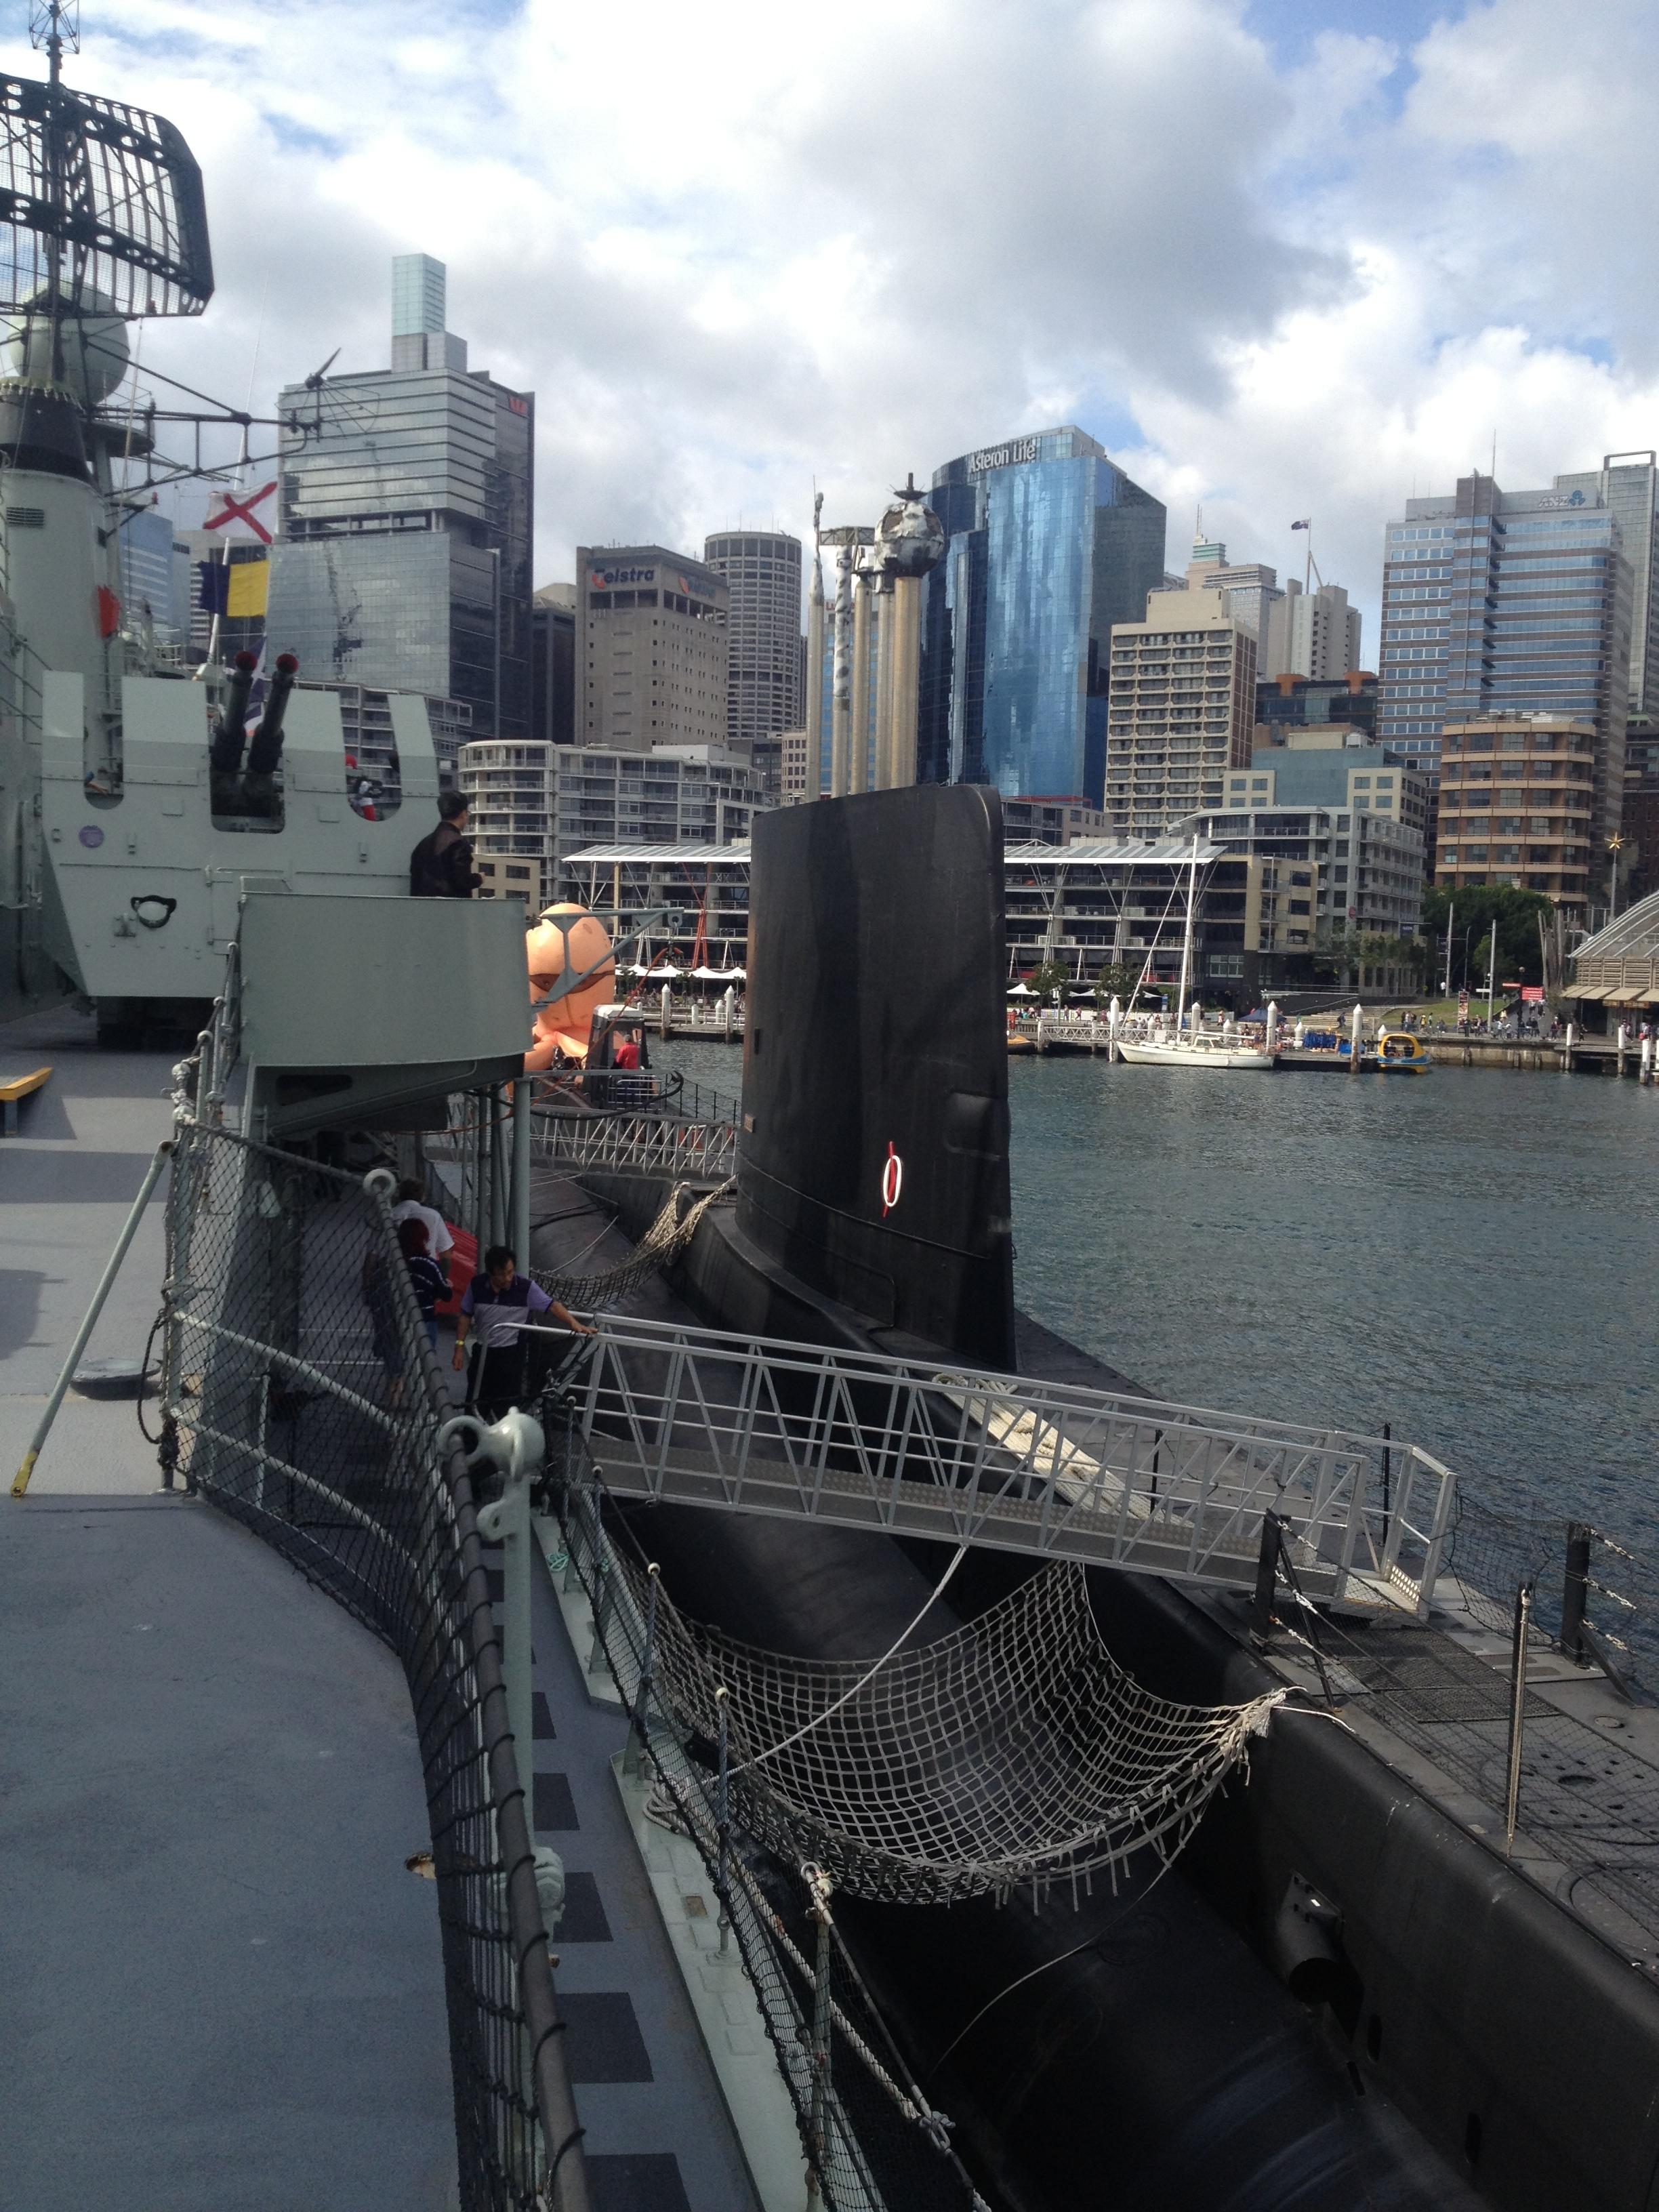 submarineaustralianmaritimemuseum3.jpg